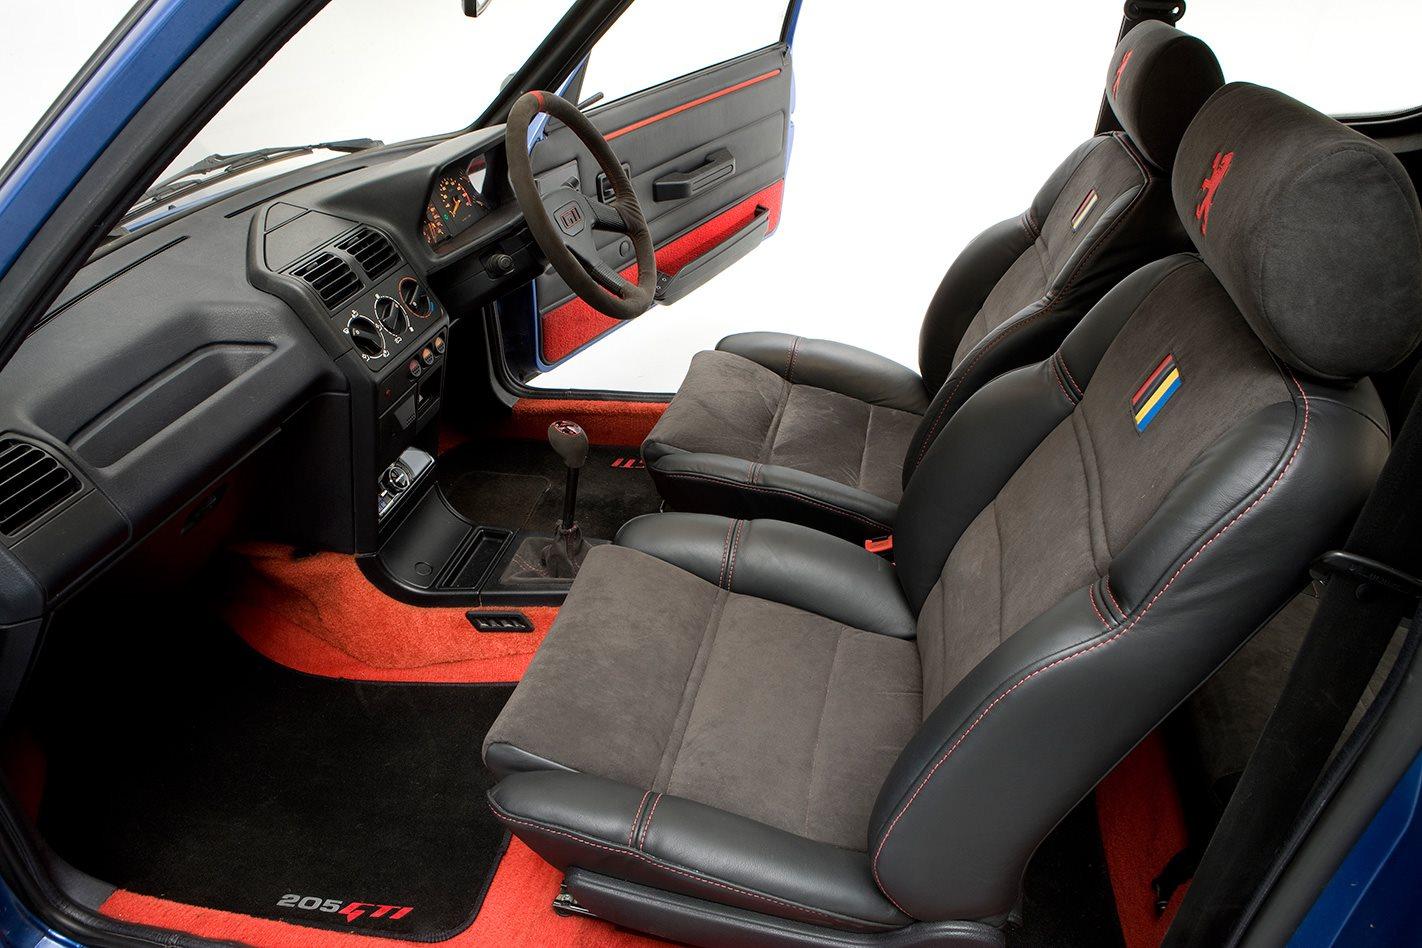 1987-Peugeot-205-GTi-interior